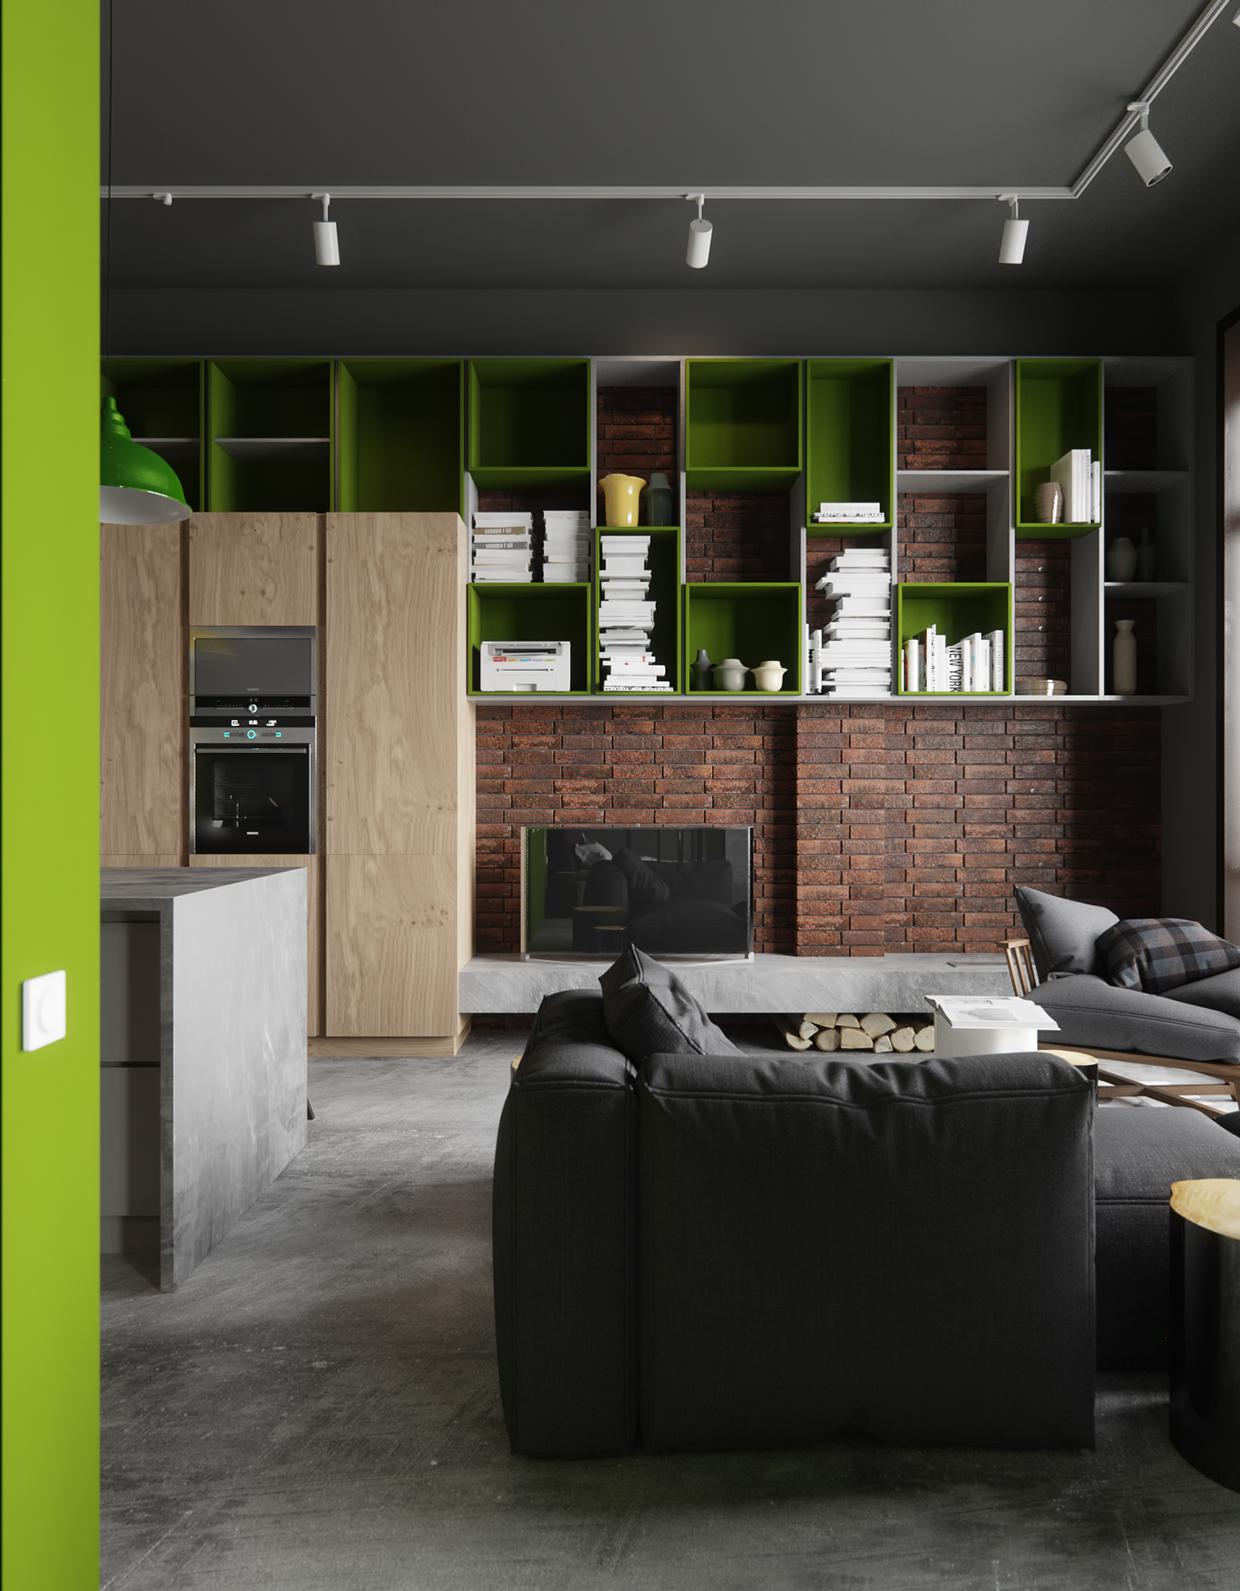 简约 日式 工业风 农光里 旧房改造 80后 二居 京扬尚赫 北京装修 厨房图片来自京扬尚赫装饰设计中心在农光里64平米日式工业风的分享